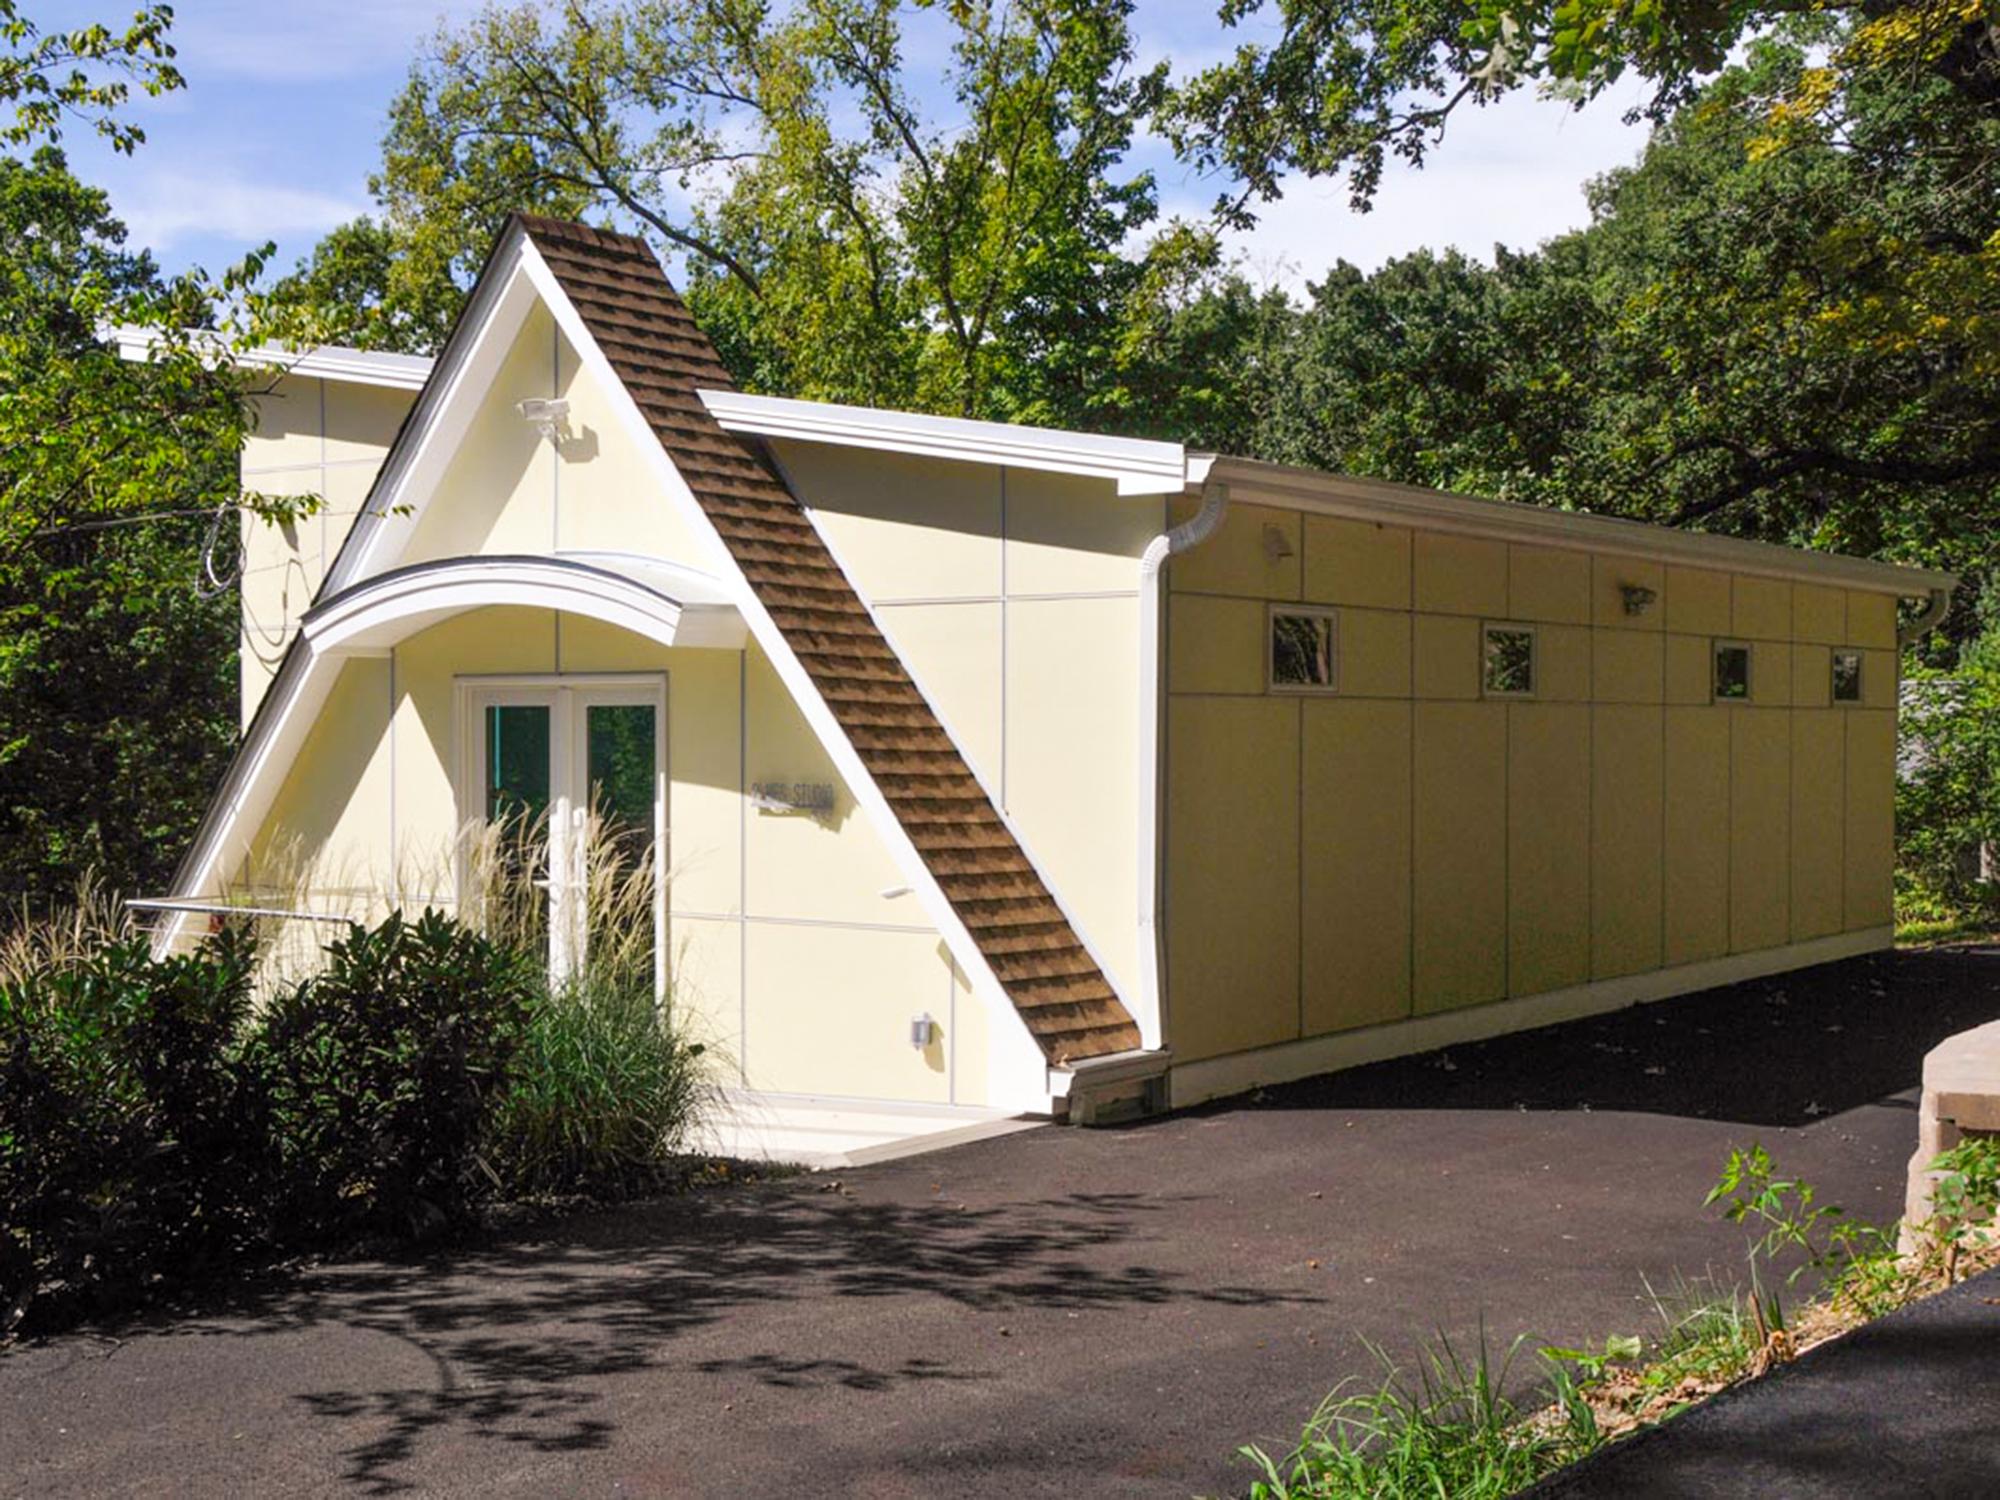 New Art Studio over garage